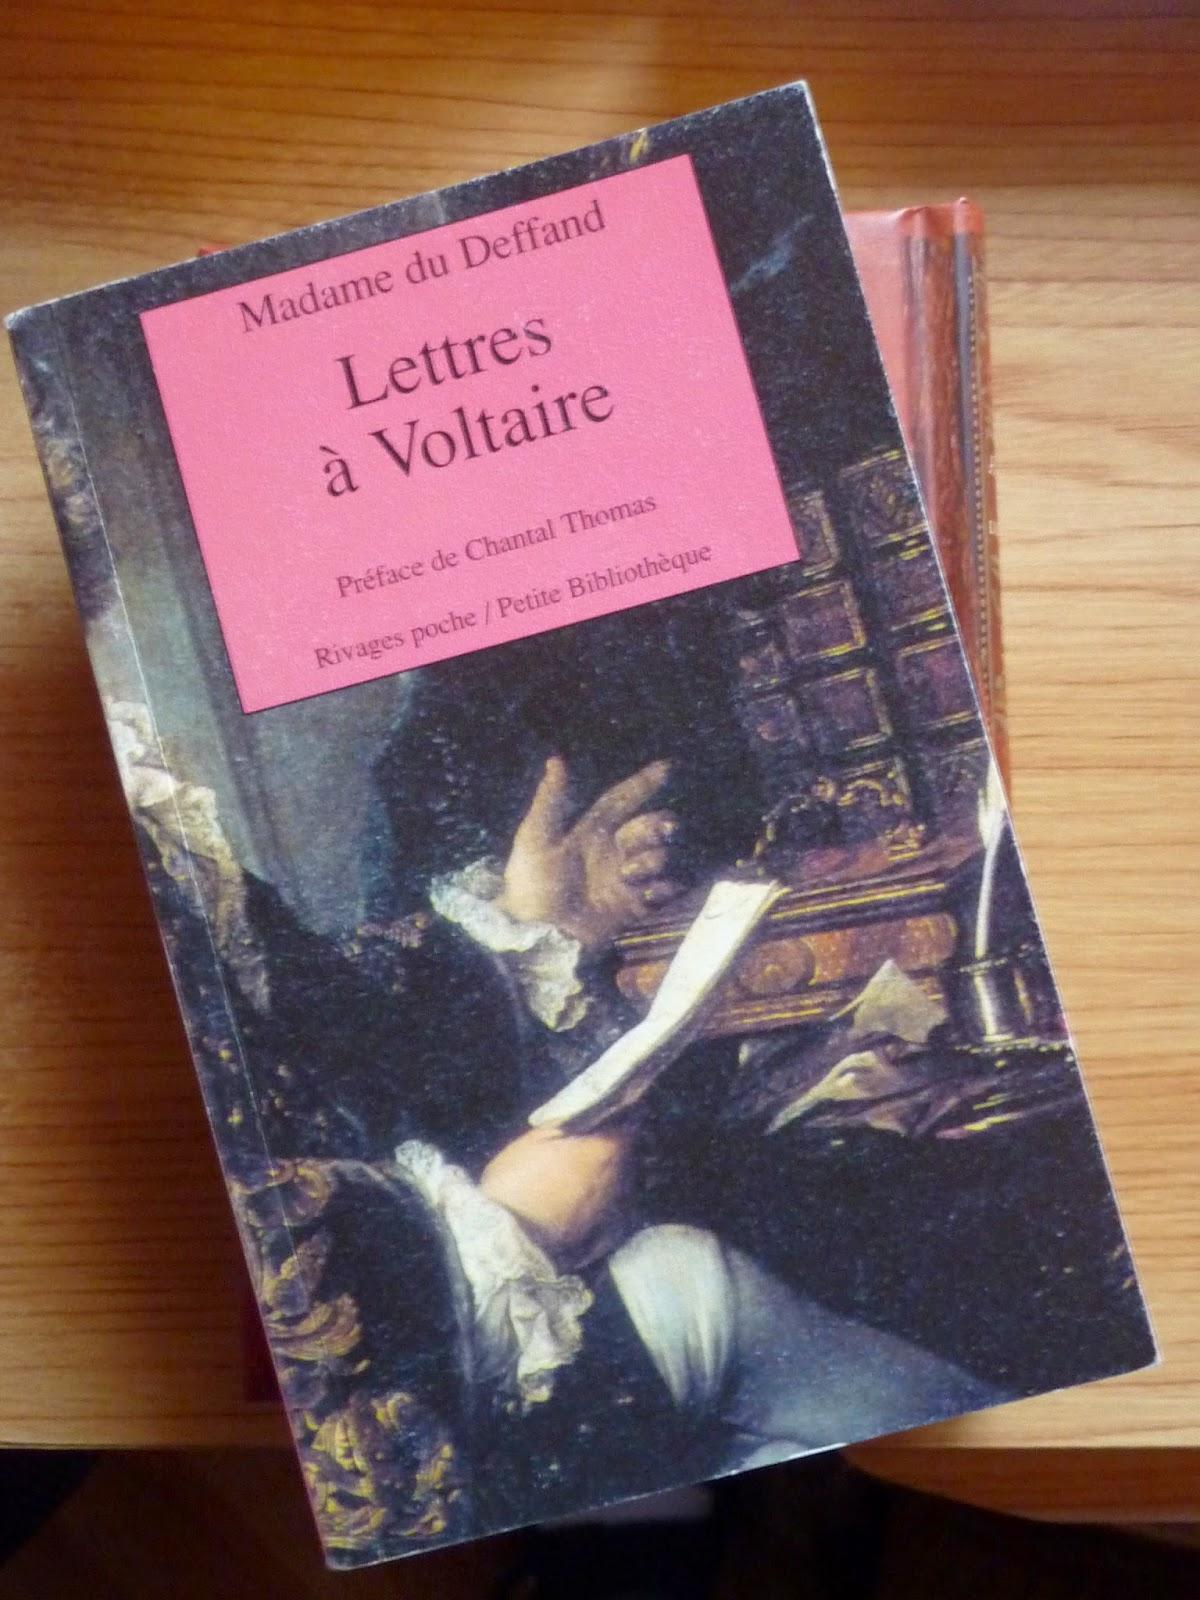 Lettres à Voltaire - Mme du Deffand